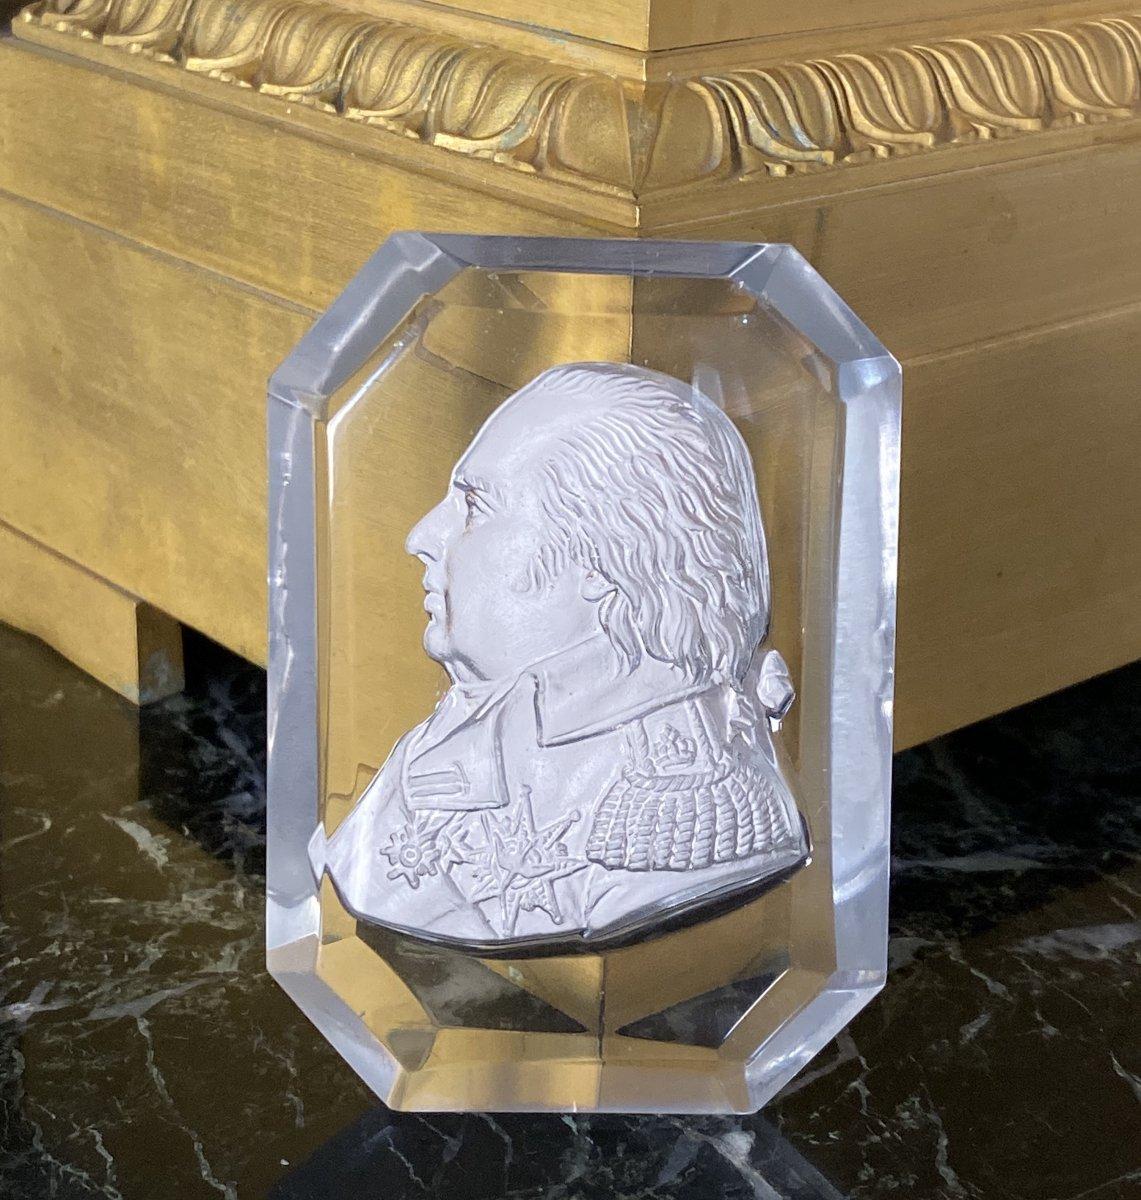 Cristallo-Cérame au Profil du Roi Louis XVIII signé Brachard